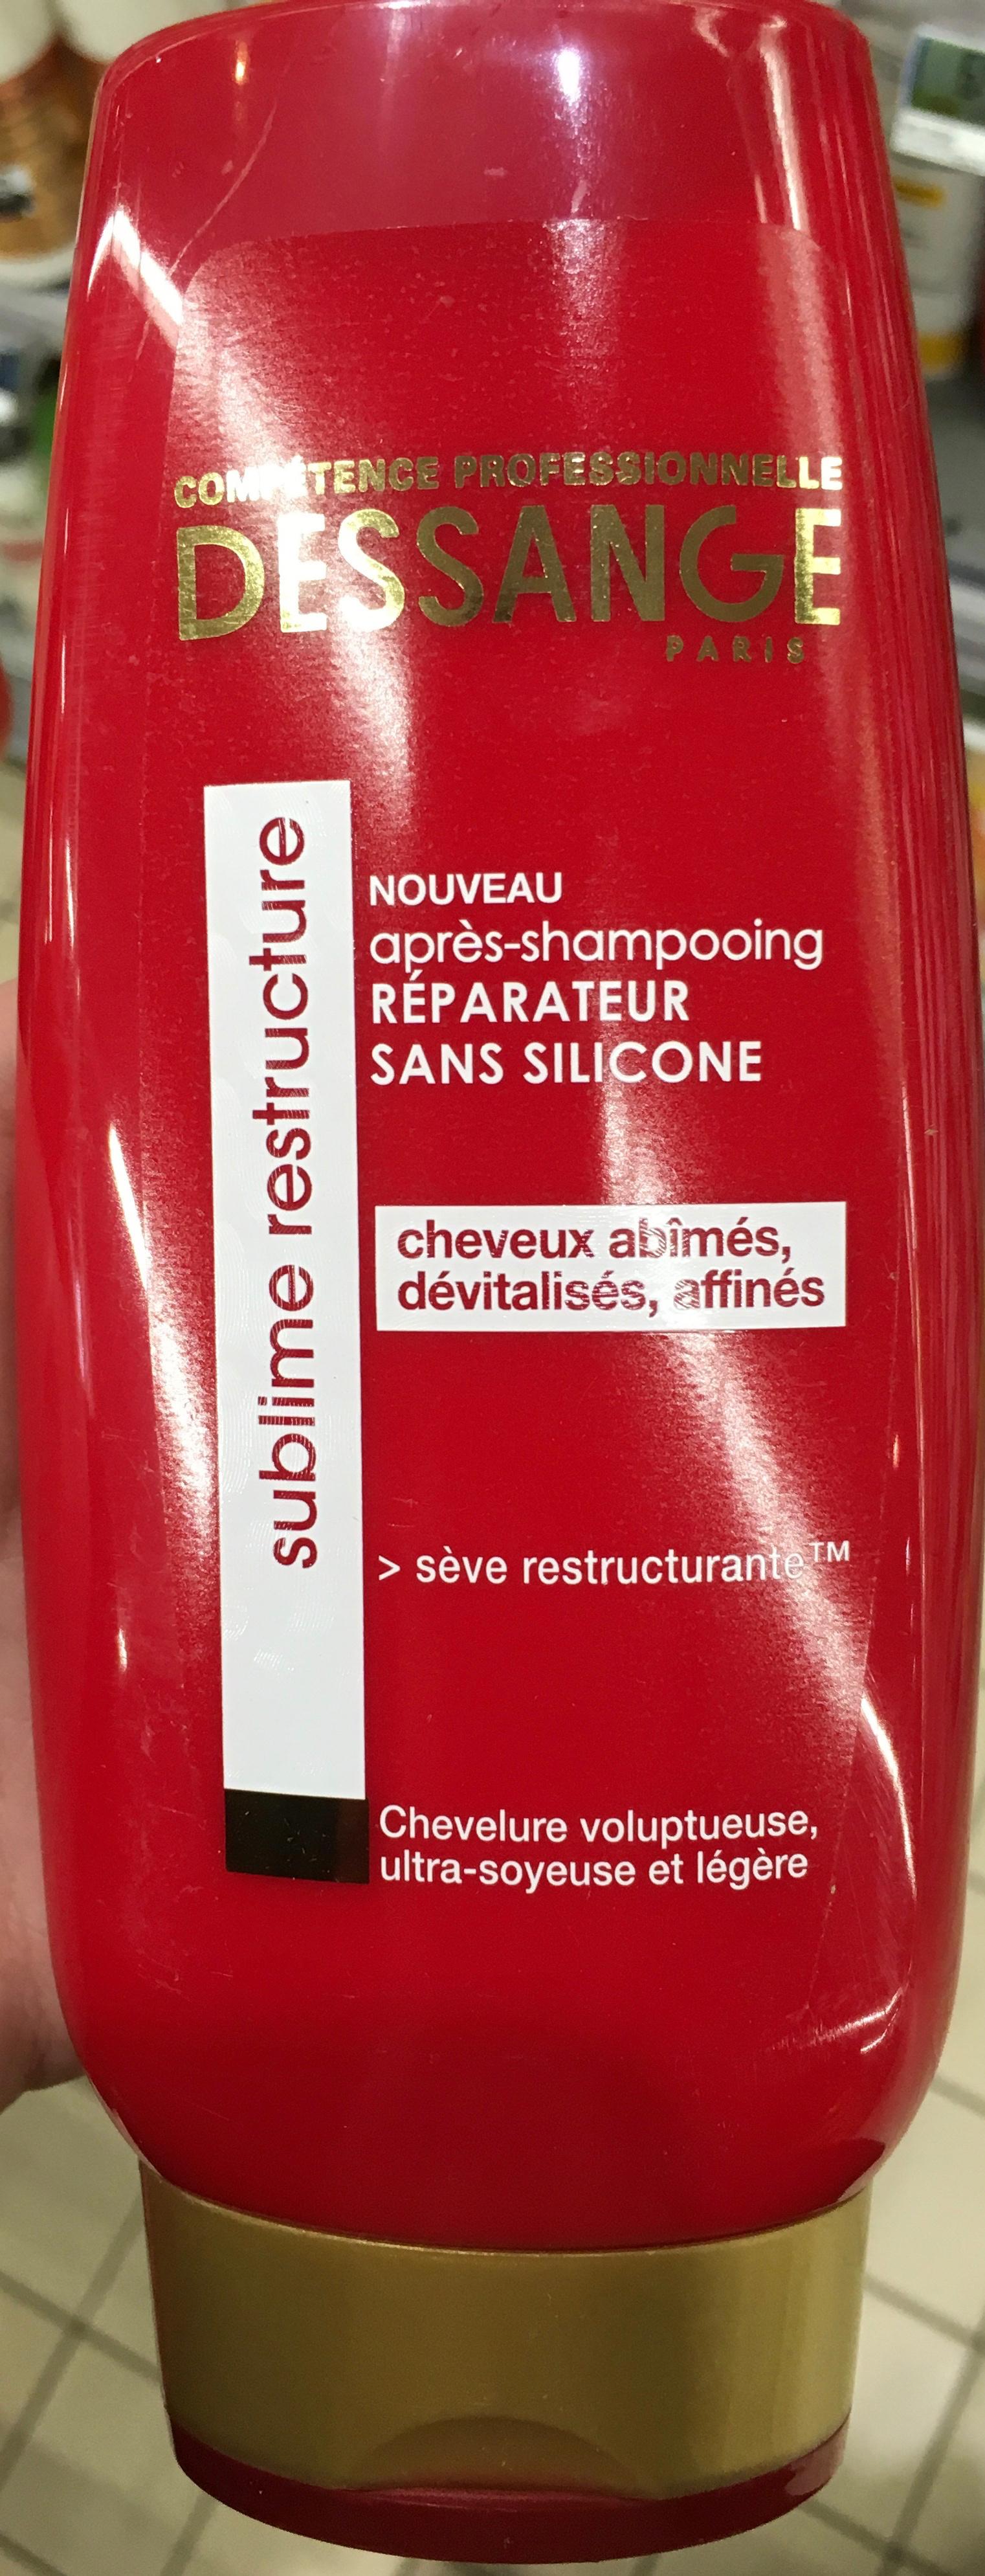 Après-shampooing réparateur Sublime Restructure - Product - fr